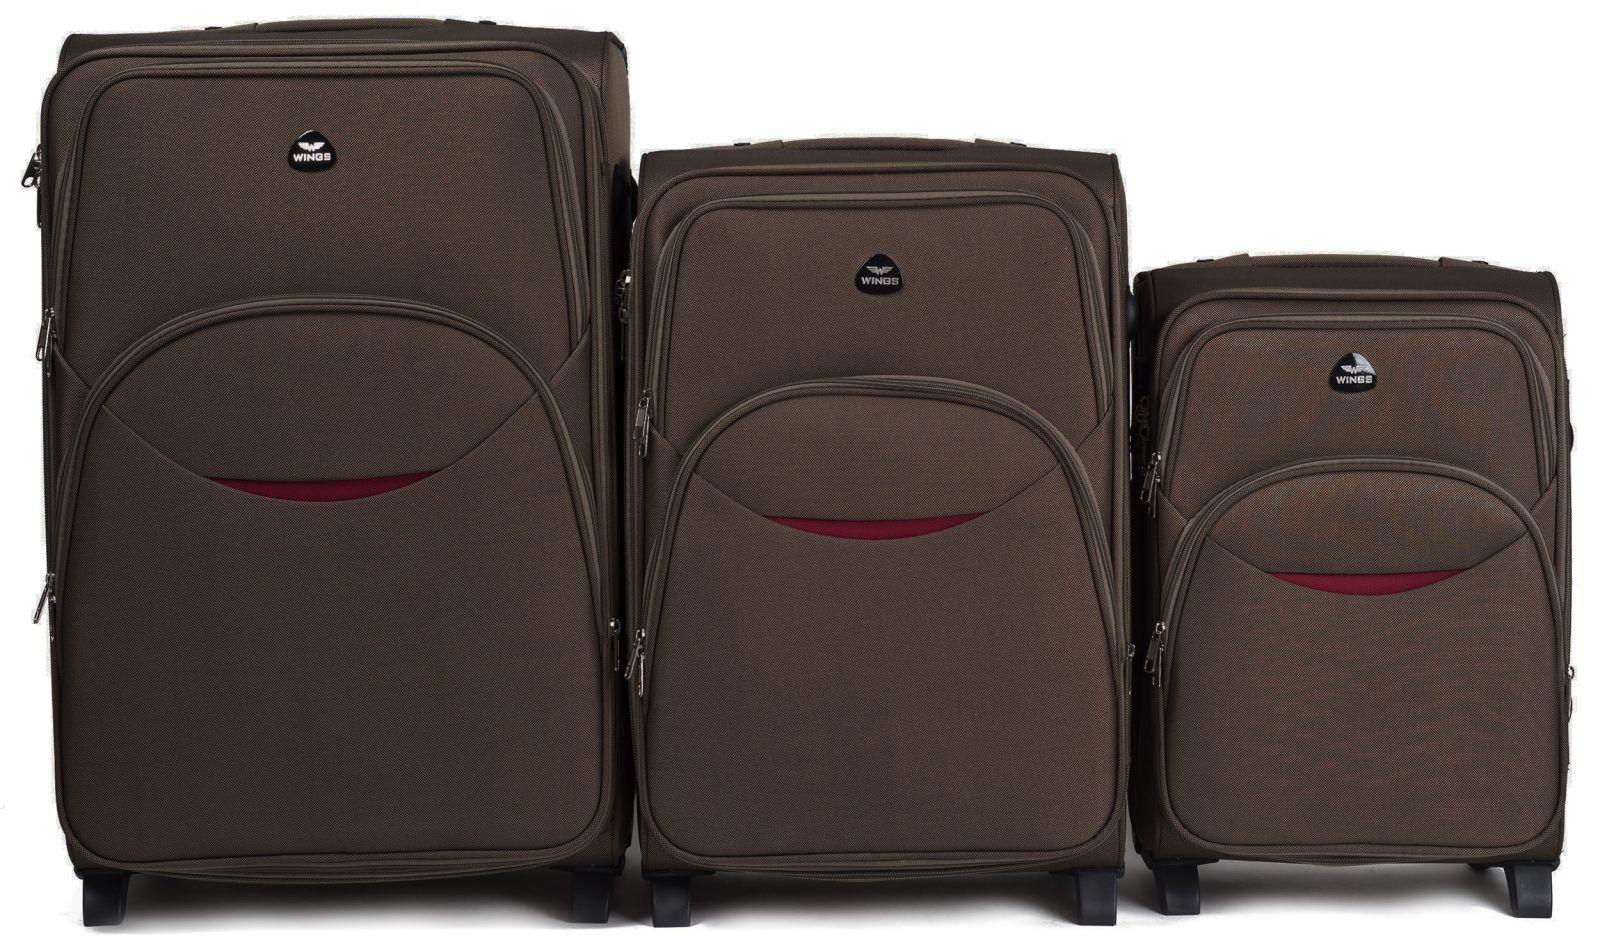 Sada 3 textilních kufrů WINGS 1708 COFFEE L/M/S E-batoh